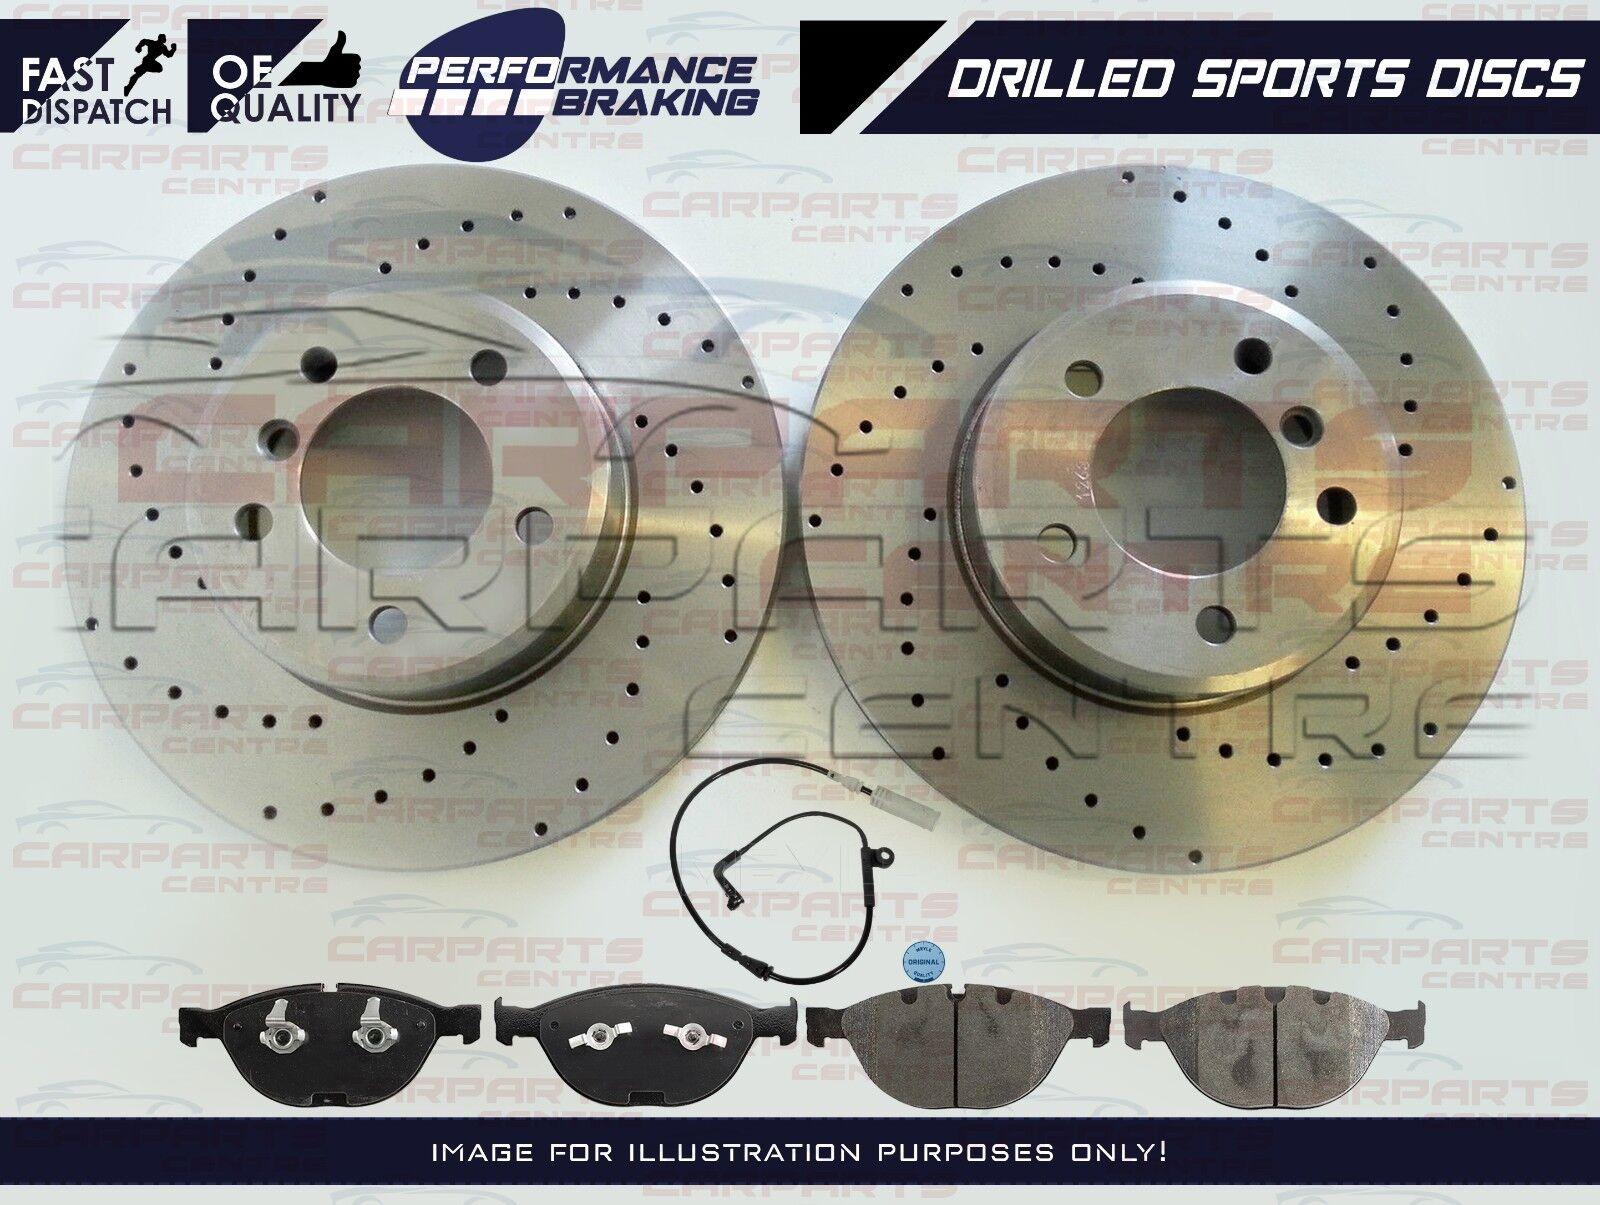 FOR BMW 535d F10 F11 REAR DRILLED BRAKE DISCS MINTEX PADS WEAR WIRE SENSOR 345mm